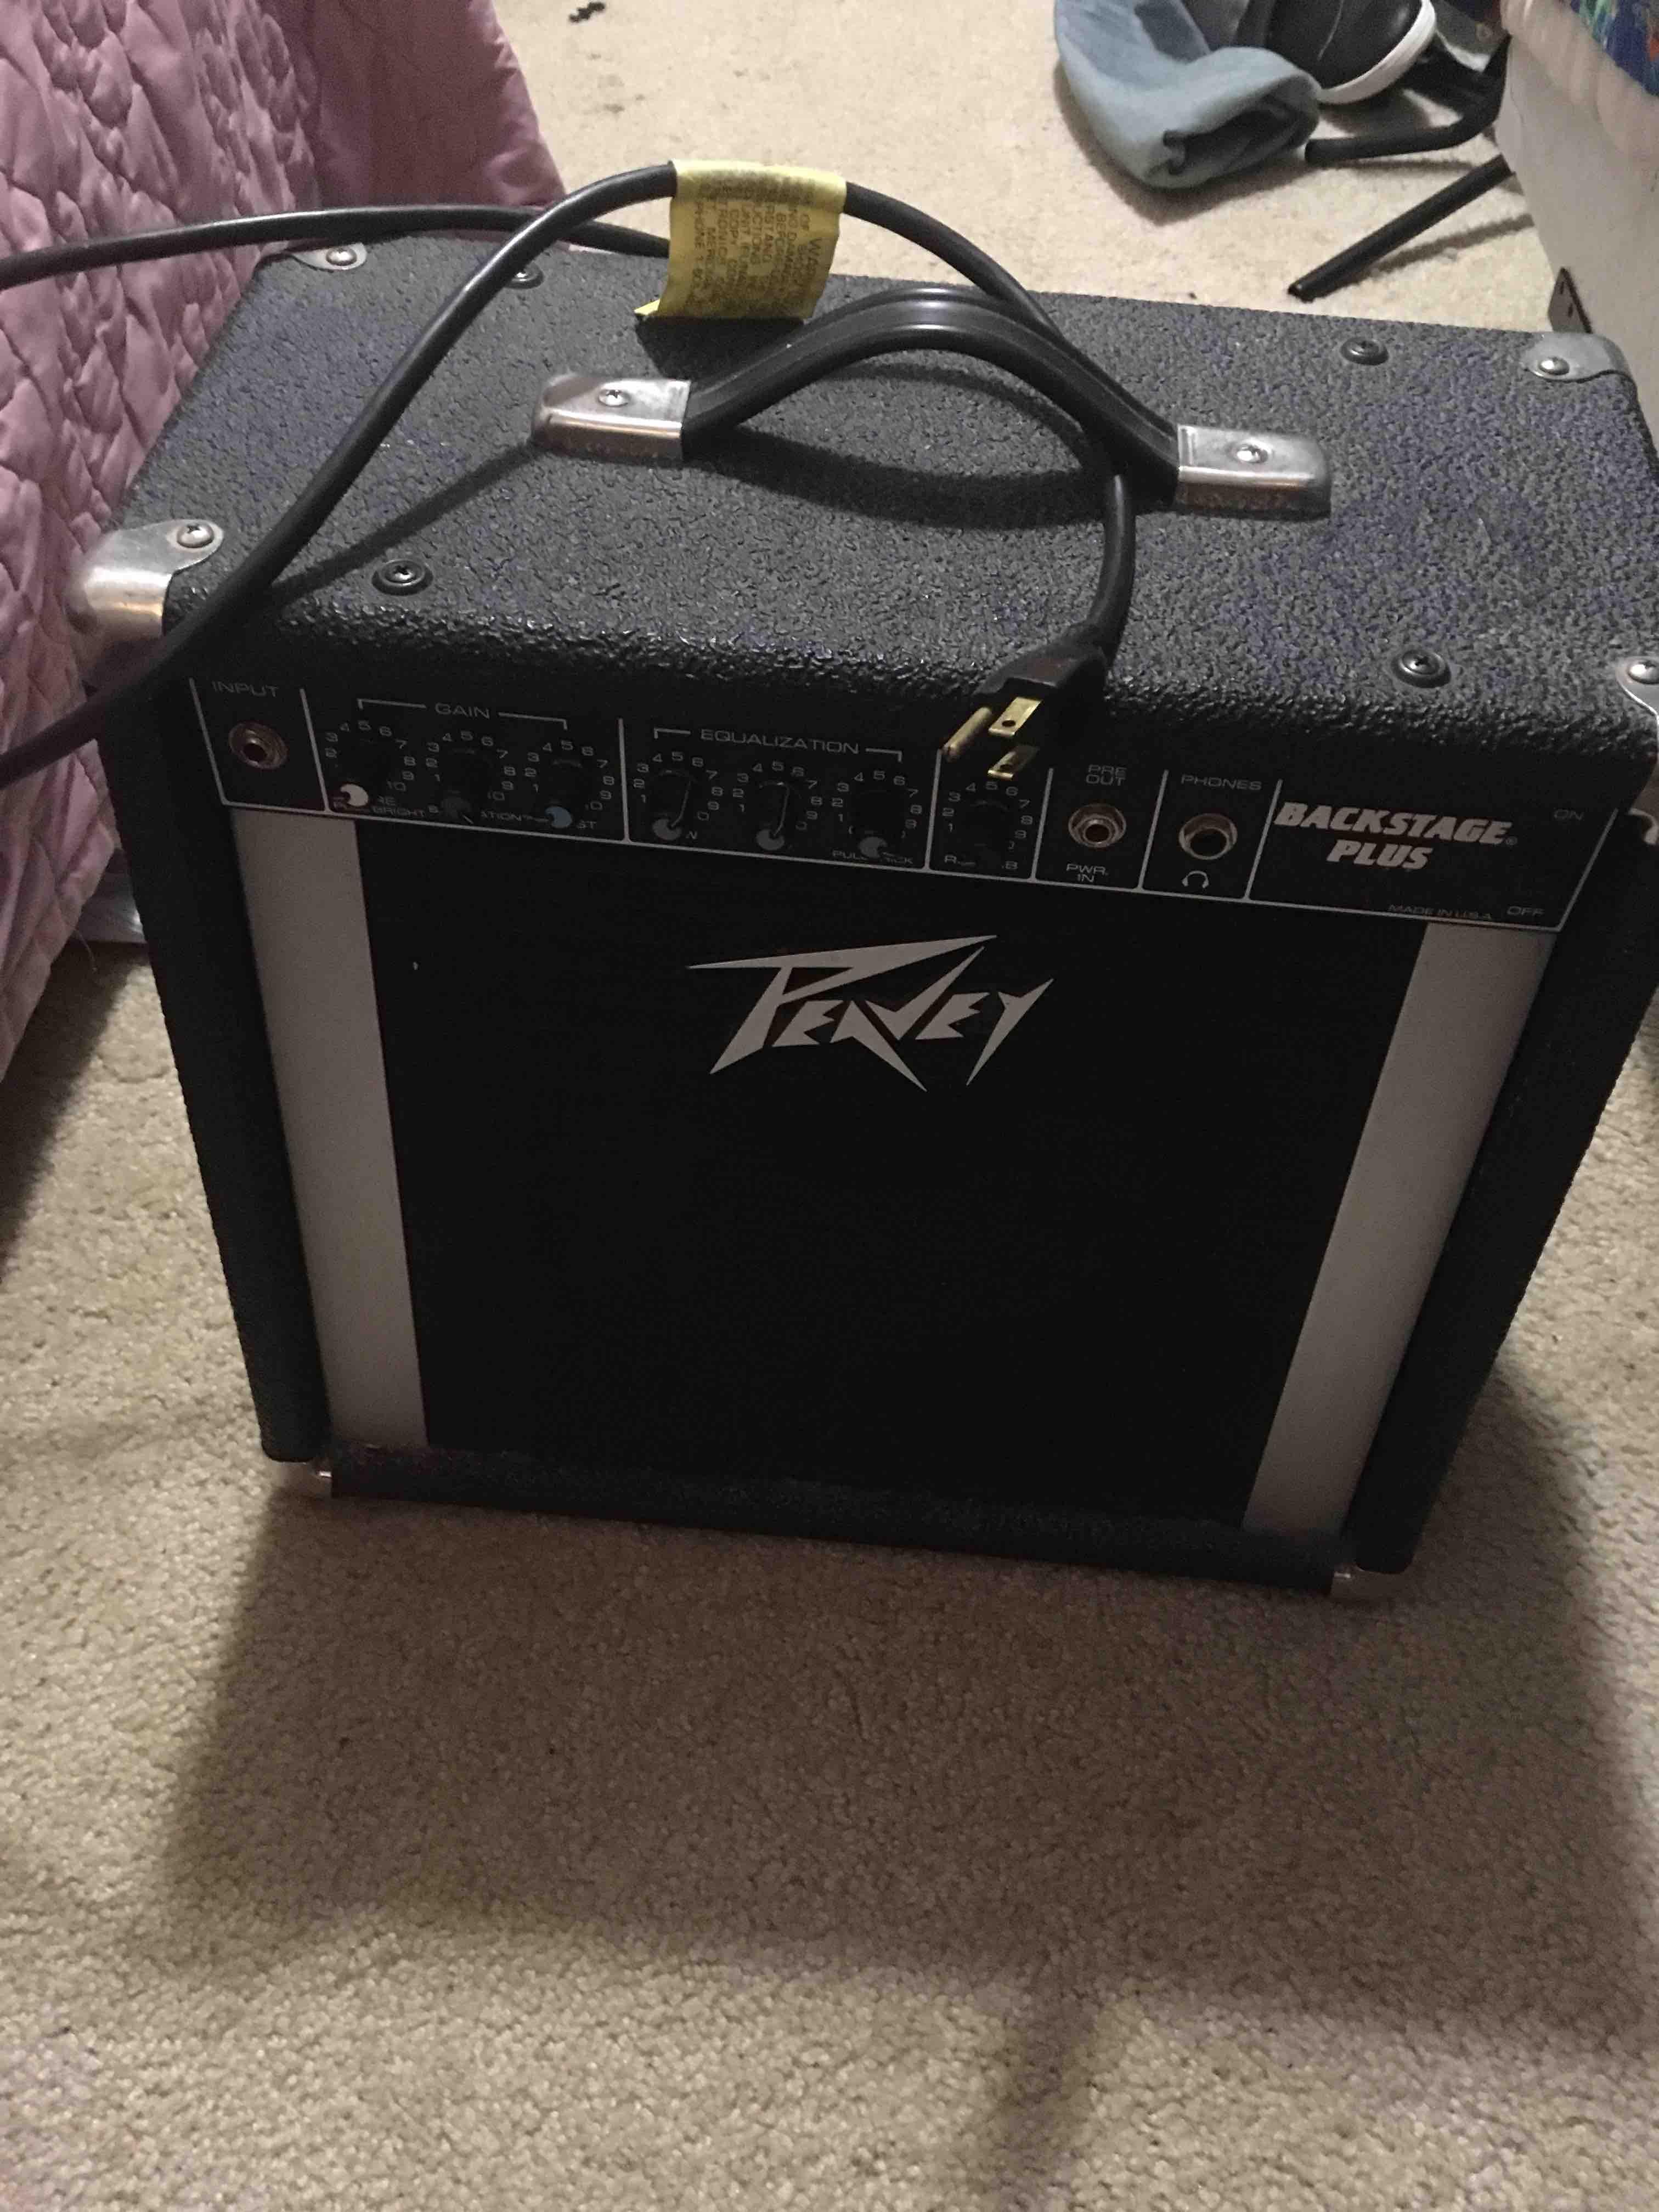 Peavey electric guitar amp